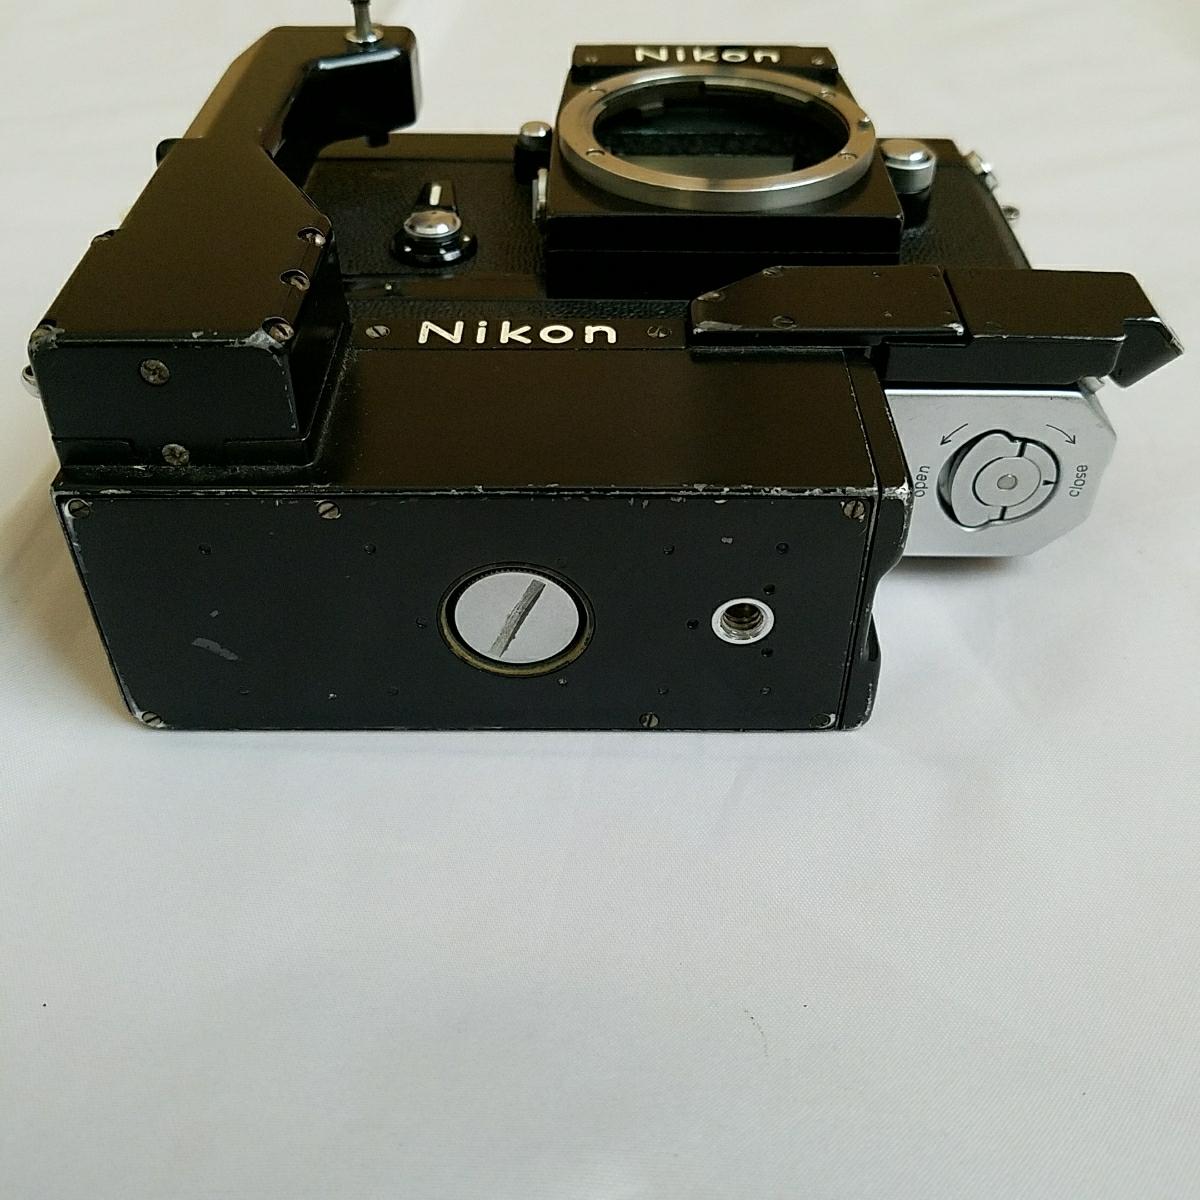 ニコン Nikon F アイレベル F36 MOTOR DRIVE フィルムカメラ_画像7